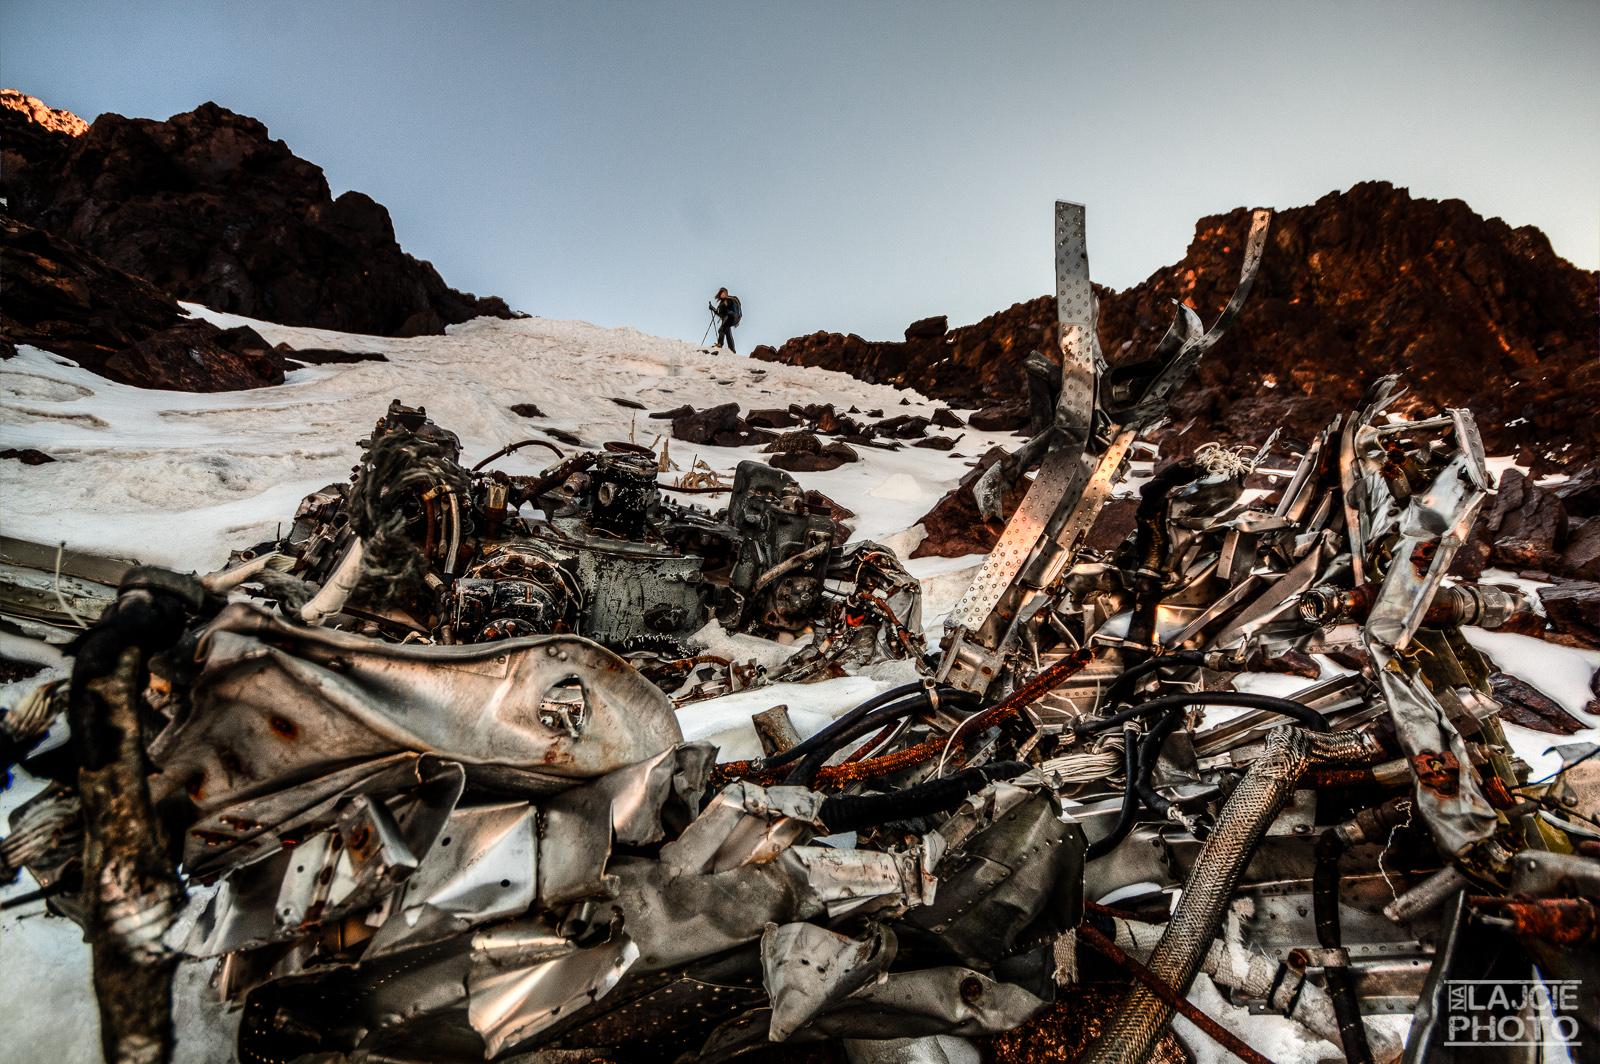 Wrak samolotu, który rozbił się w grani Jbel Toubkal